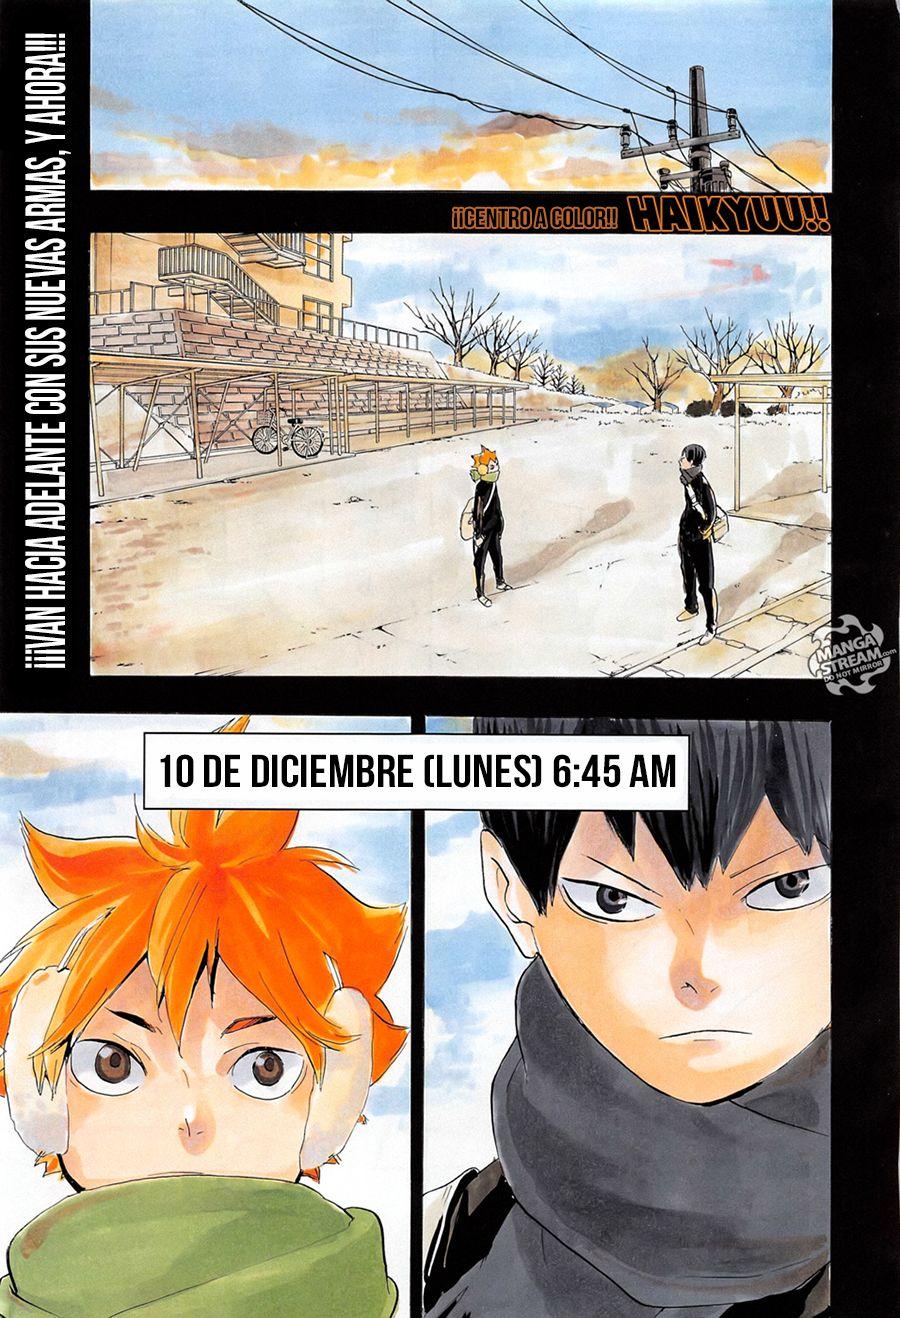 http://c5.ninemanga.com/es_manga/pic2/10/10/501529/dc20d1211f3e7a99d775b26052e0163e.jpg Page 3